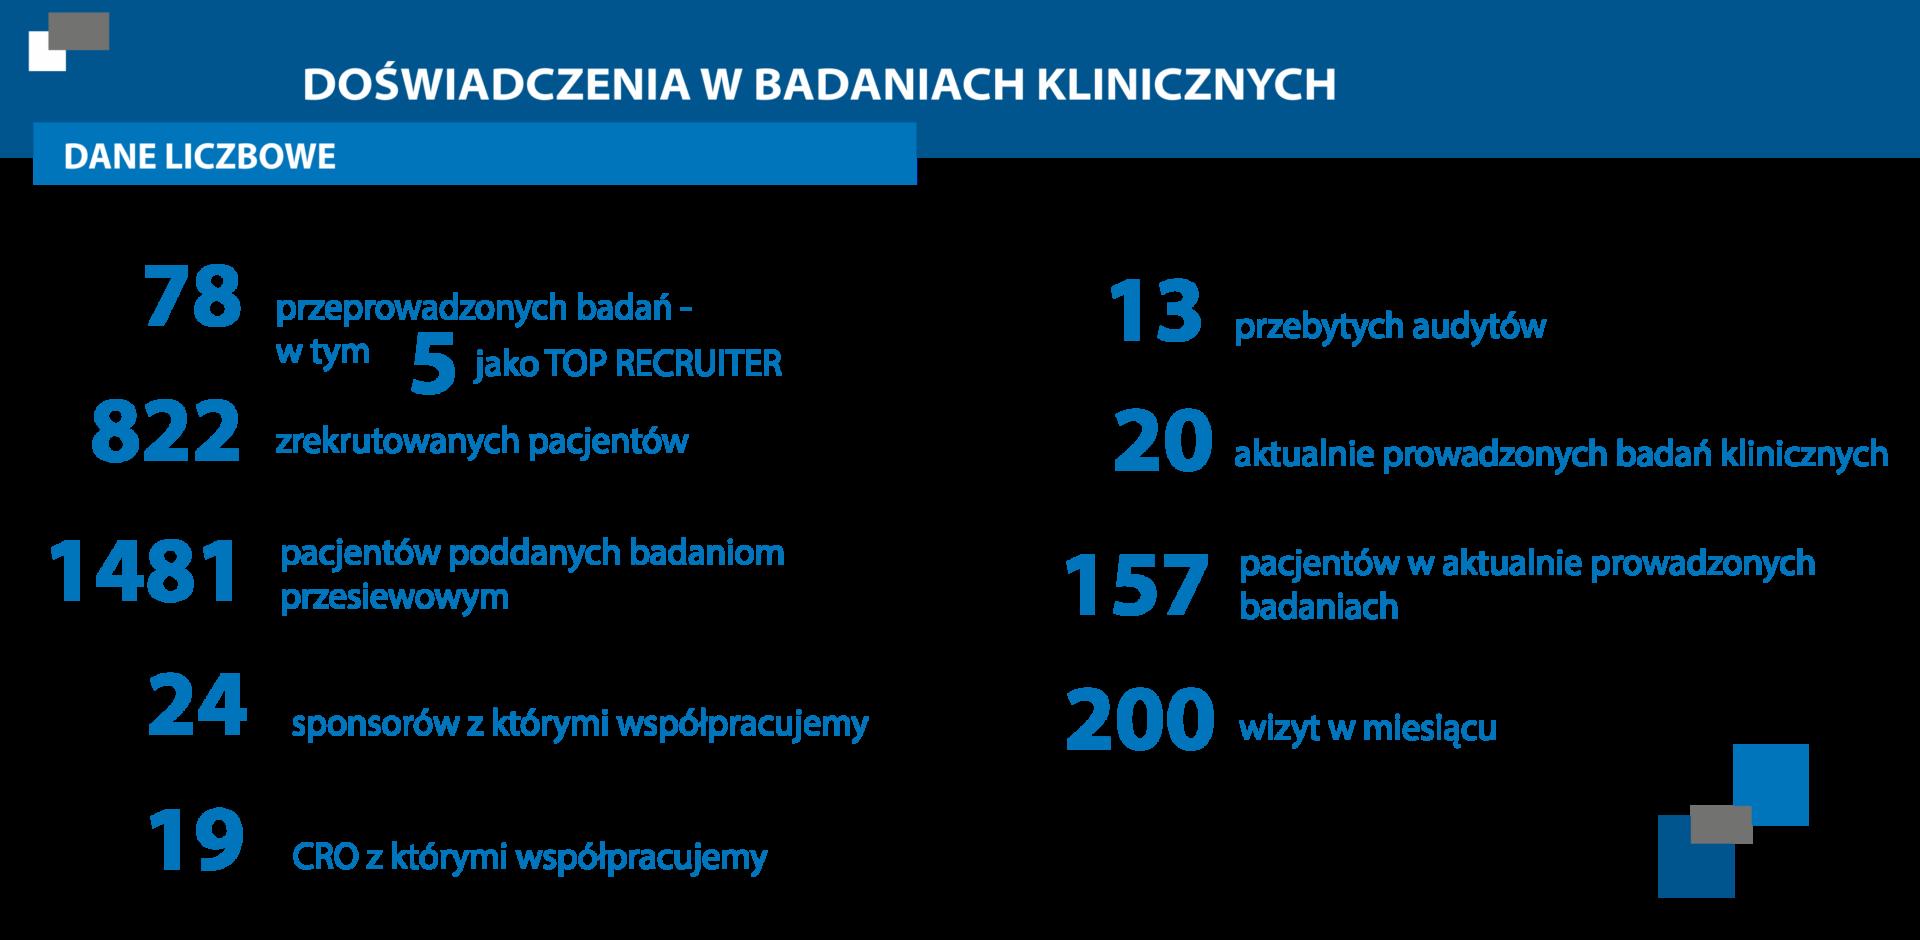 badania kliniczne szczecin